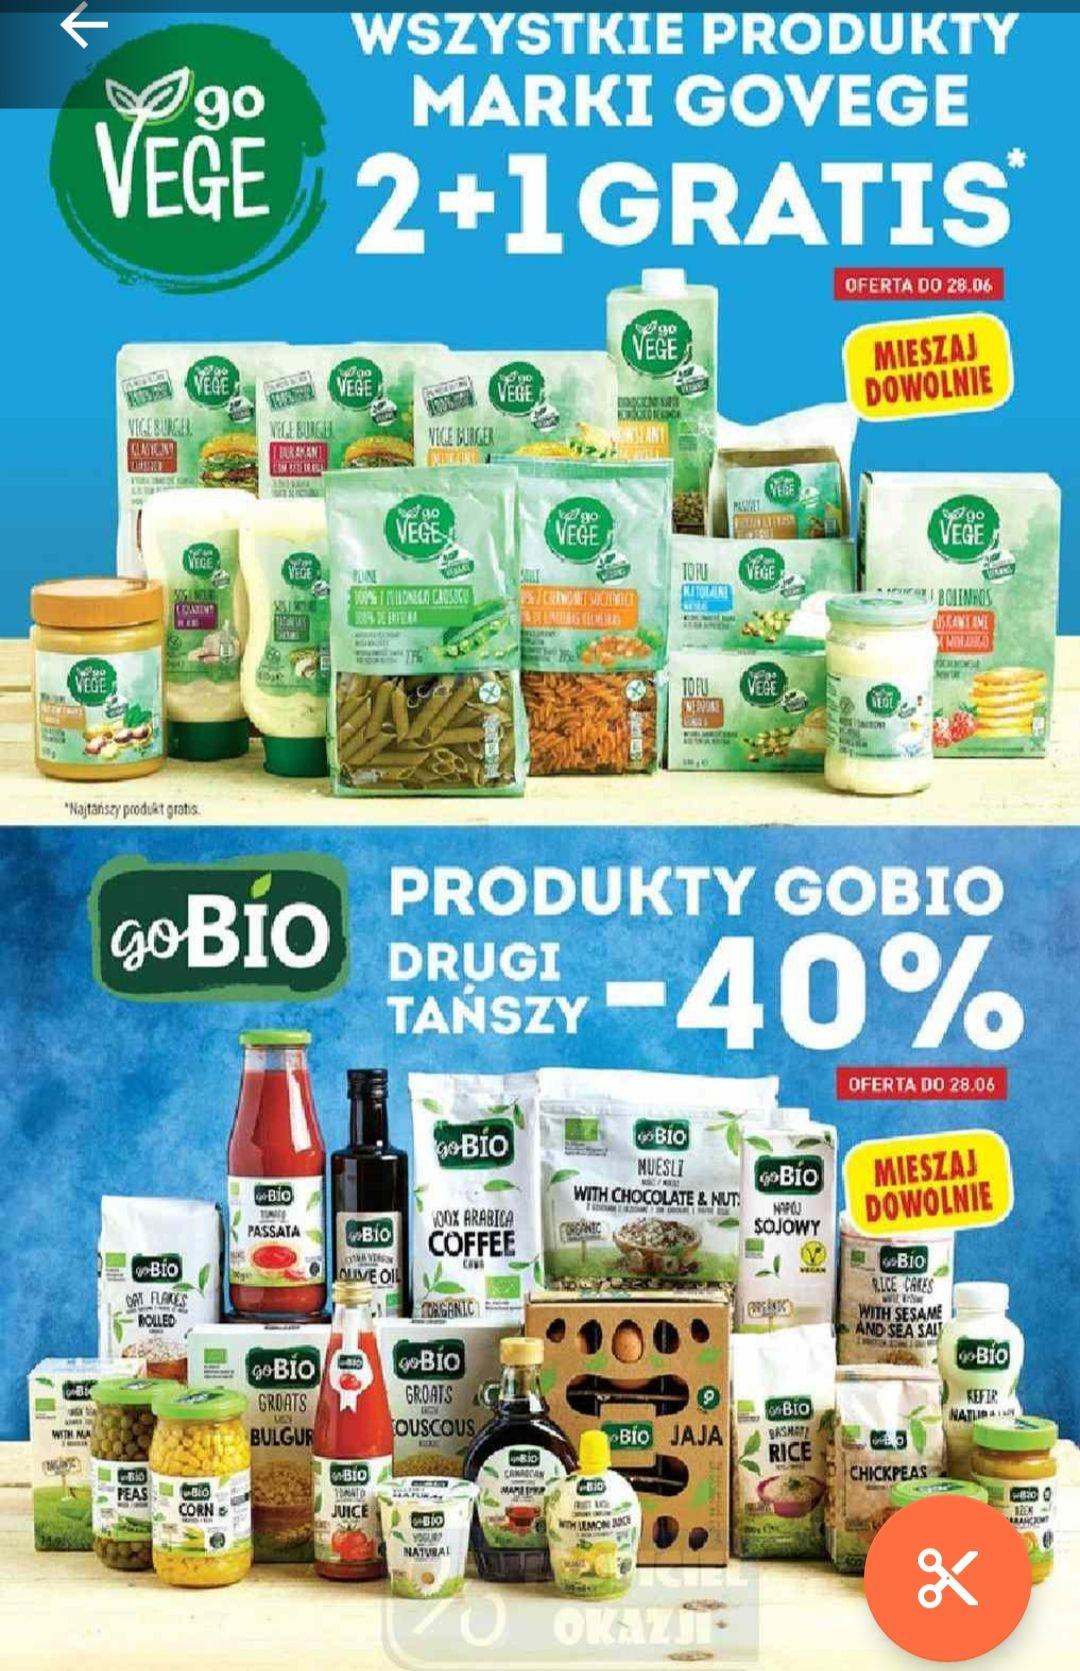 Wszystkie produkty marki goVege 2+1 gratis oraz produkty goBio drugi tańszy produkt -40% @Biedronka